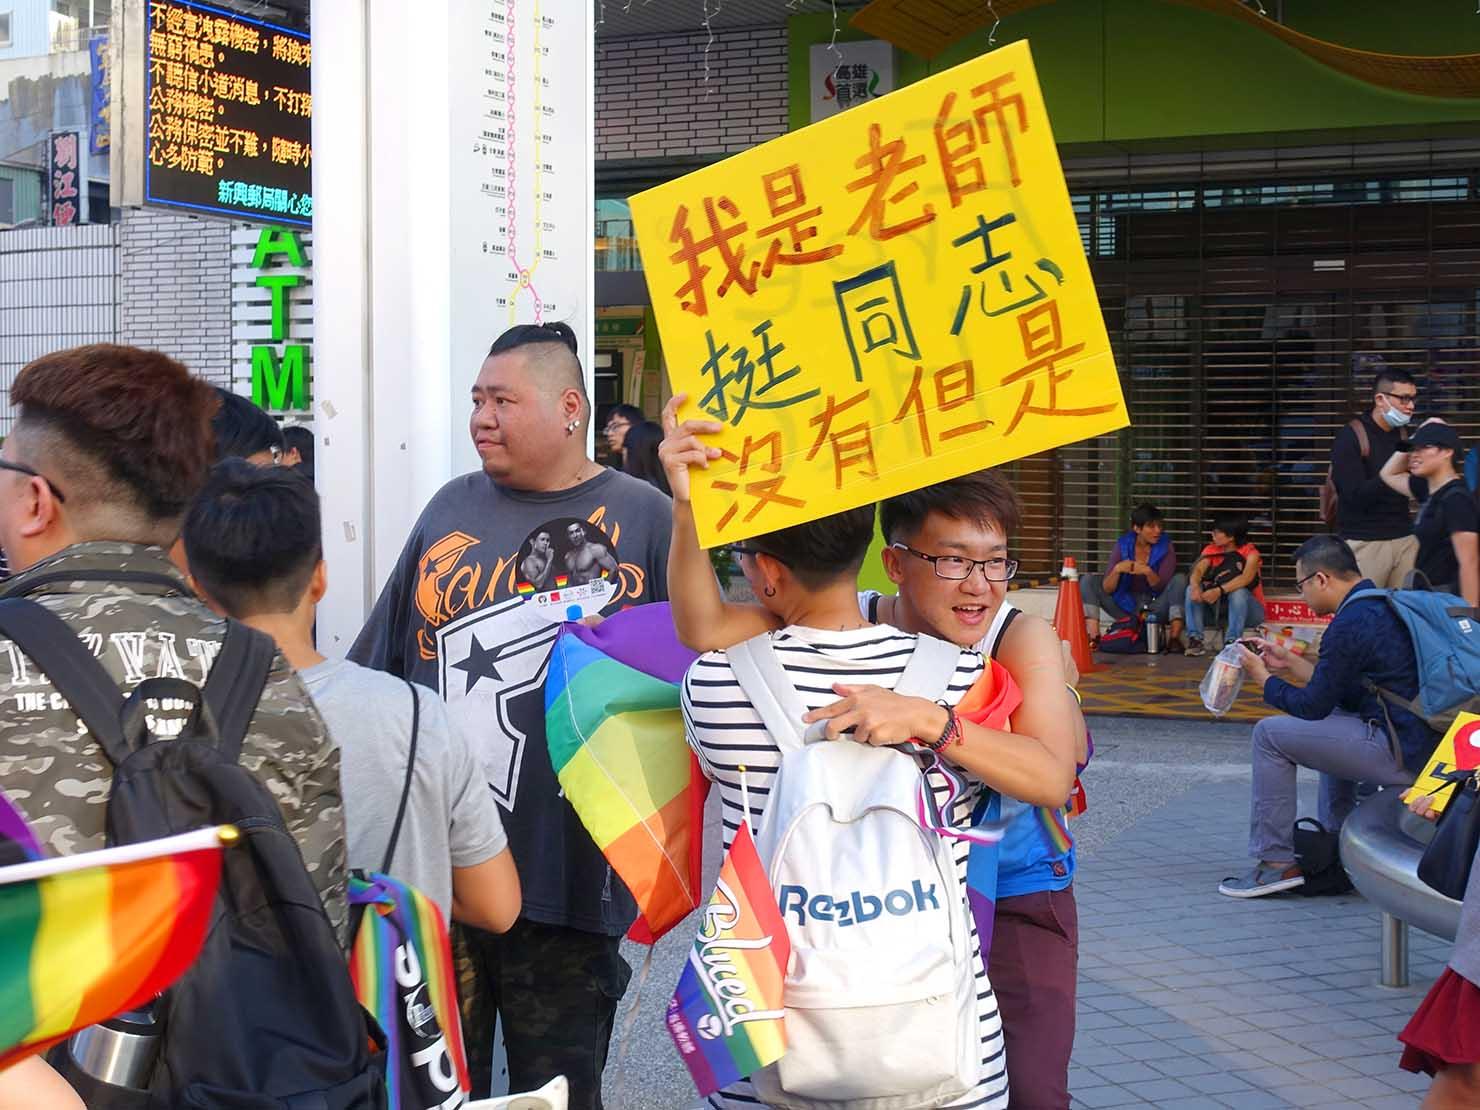 高雄同志大遊行(高雄レインボーパレード)2017でプラカードを掲げる教師